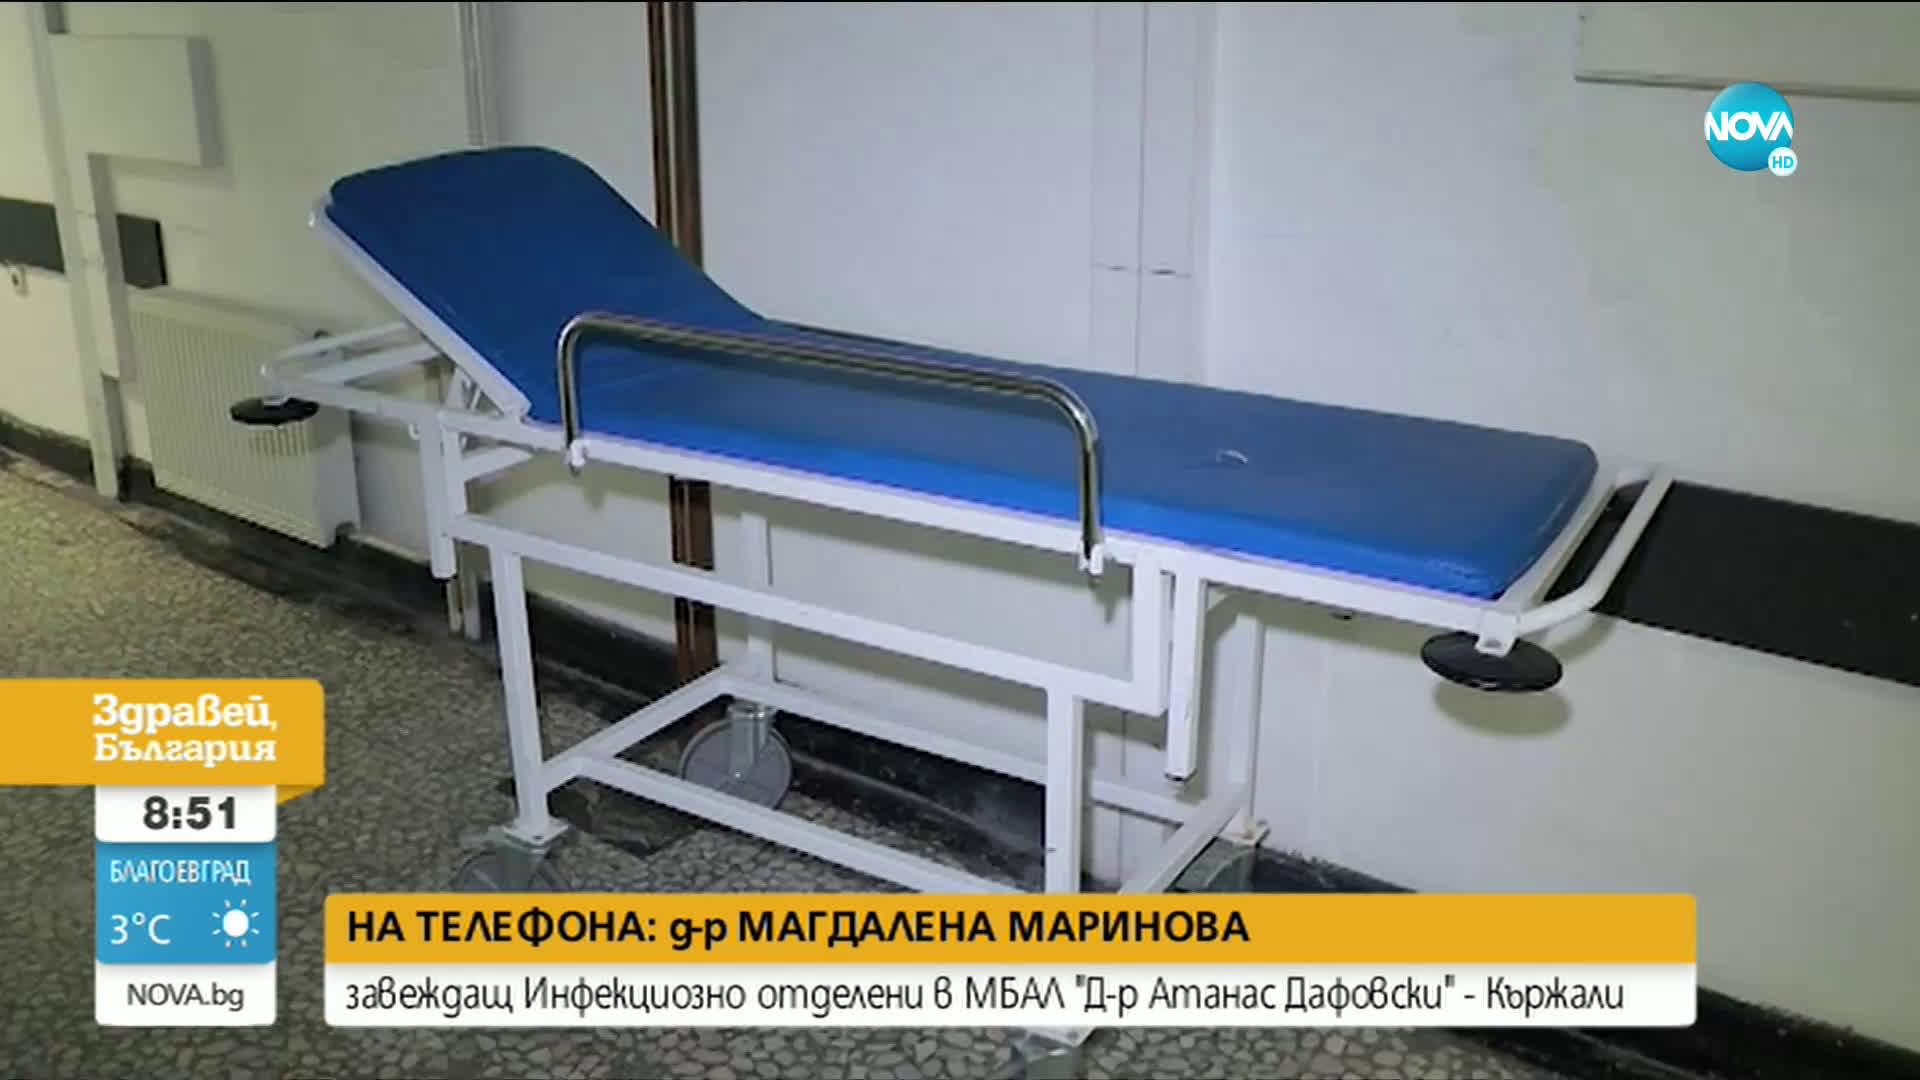 Недостиг на легла и медици за лечение на болни от COVID-19 в Кърджали